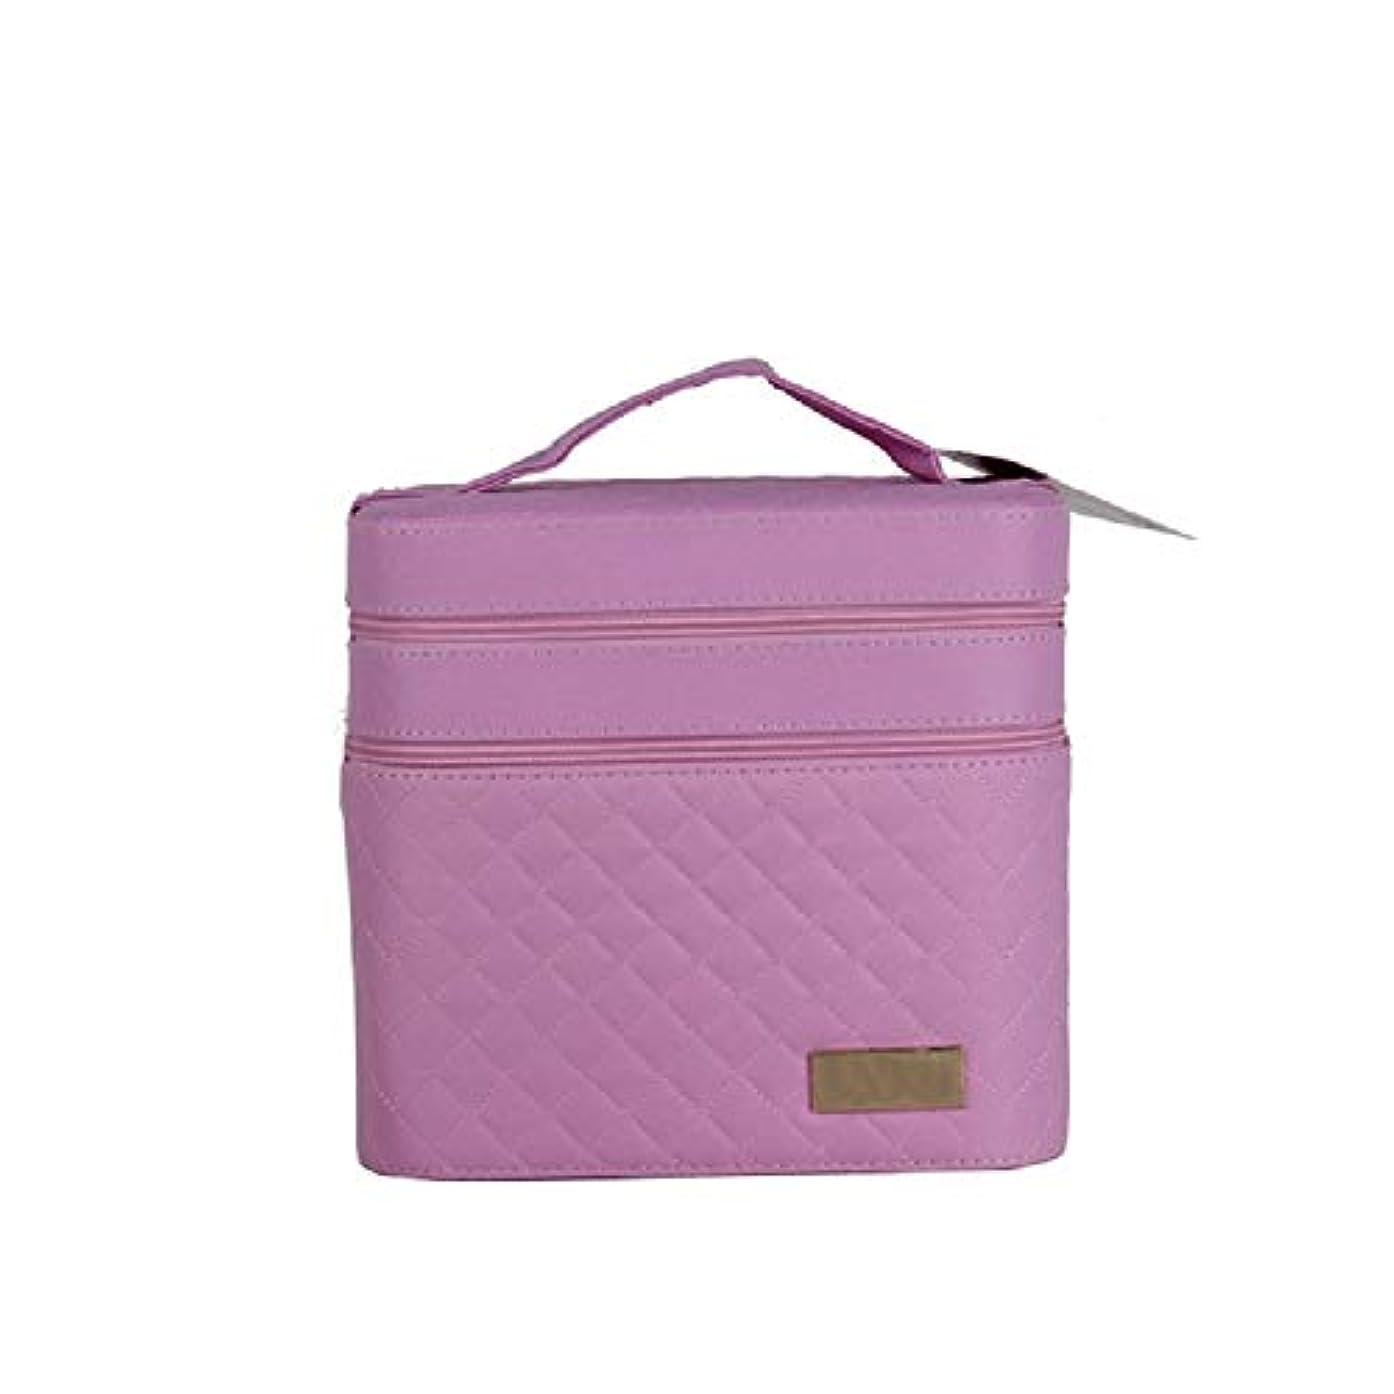 失う簡略化するビスケット化粧オーガナイザーバッグ ジッパーと化粧鏡で小さなものの種類の旅行のための美容メイクアップのためのピンクのポータブル化粧品バッグ 化粧品ケース